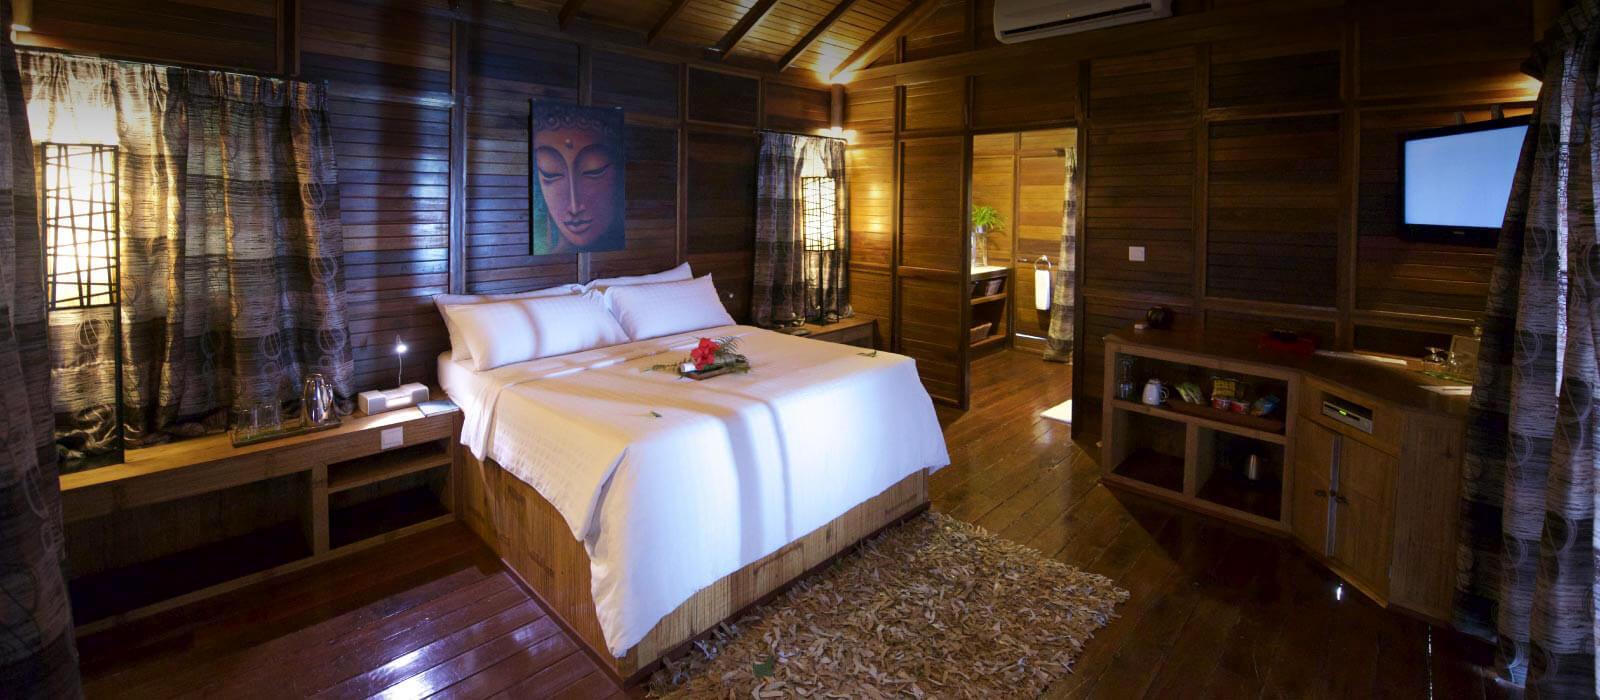 Japamala Room Seacliff